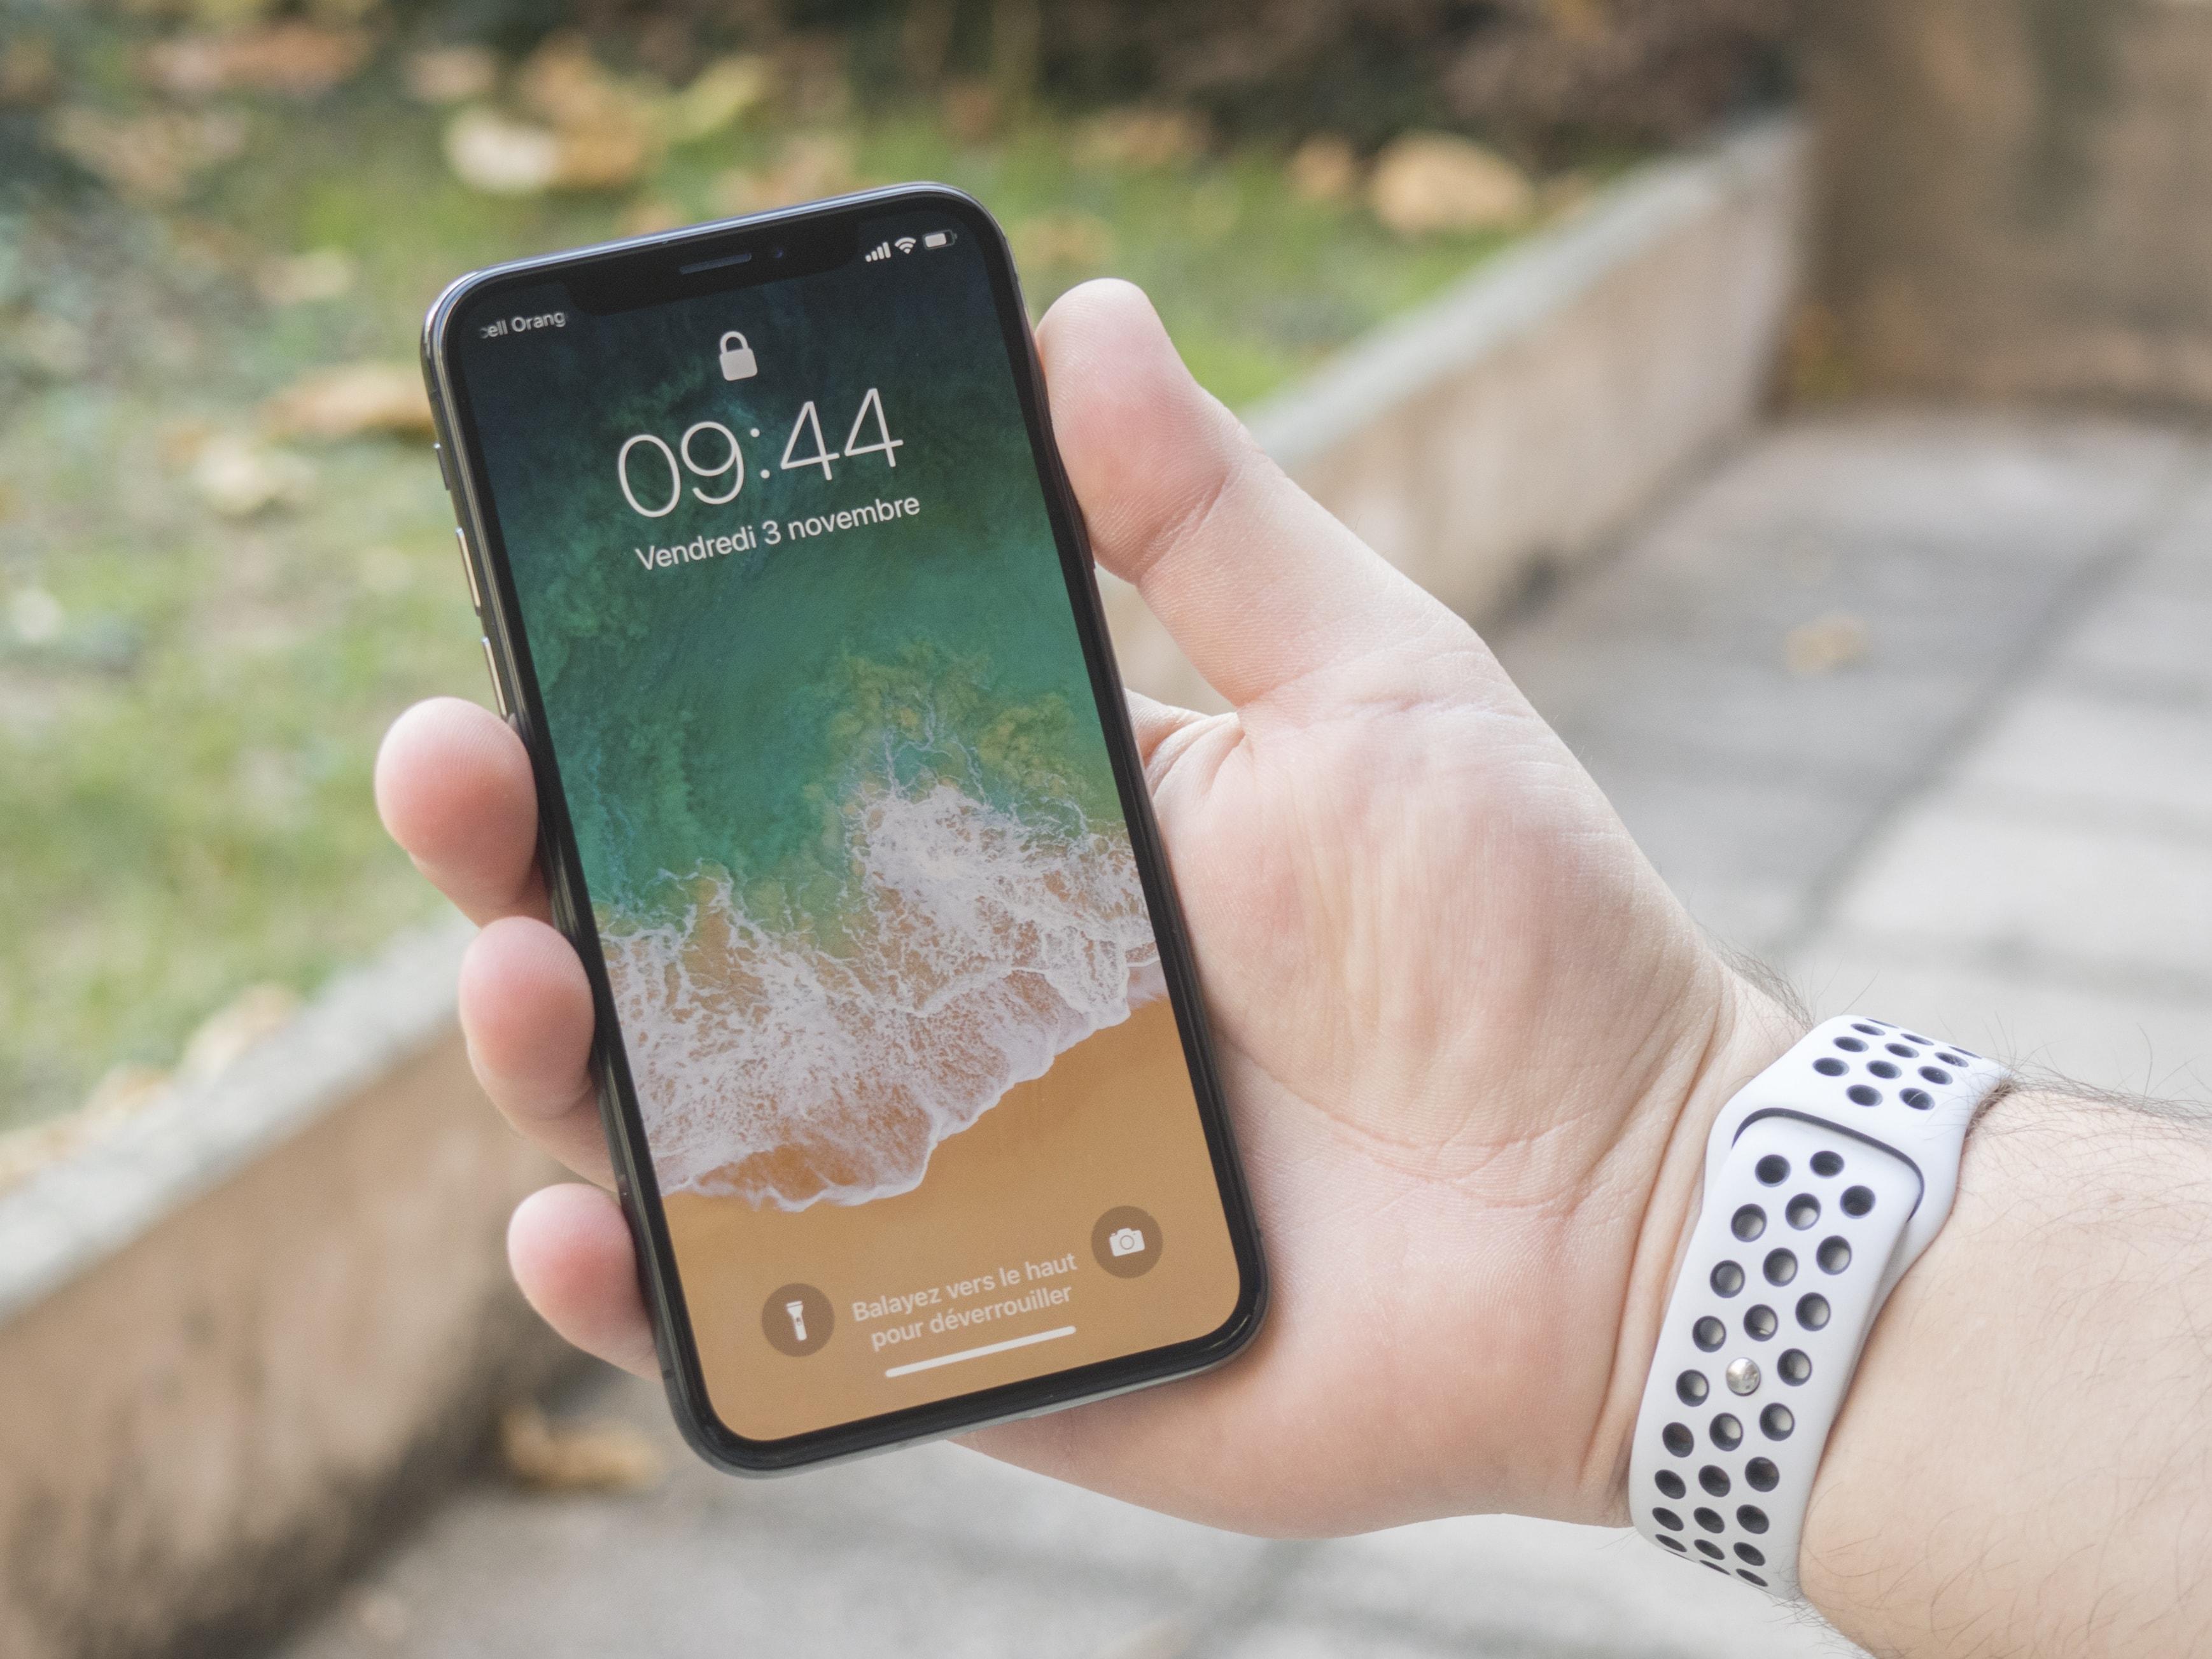 iphone x le produit apple de 2017 selon les lecteurs de macgeneration macgeneration. Black Bedroom Furniture Sets. Home Design Ideas